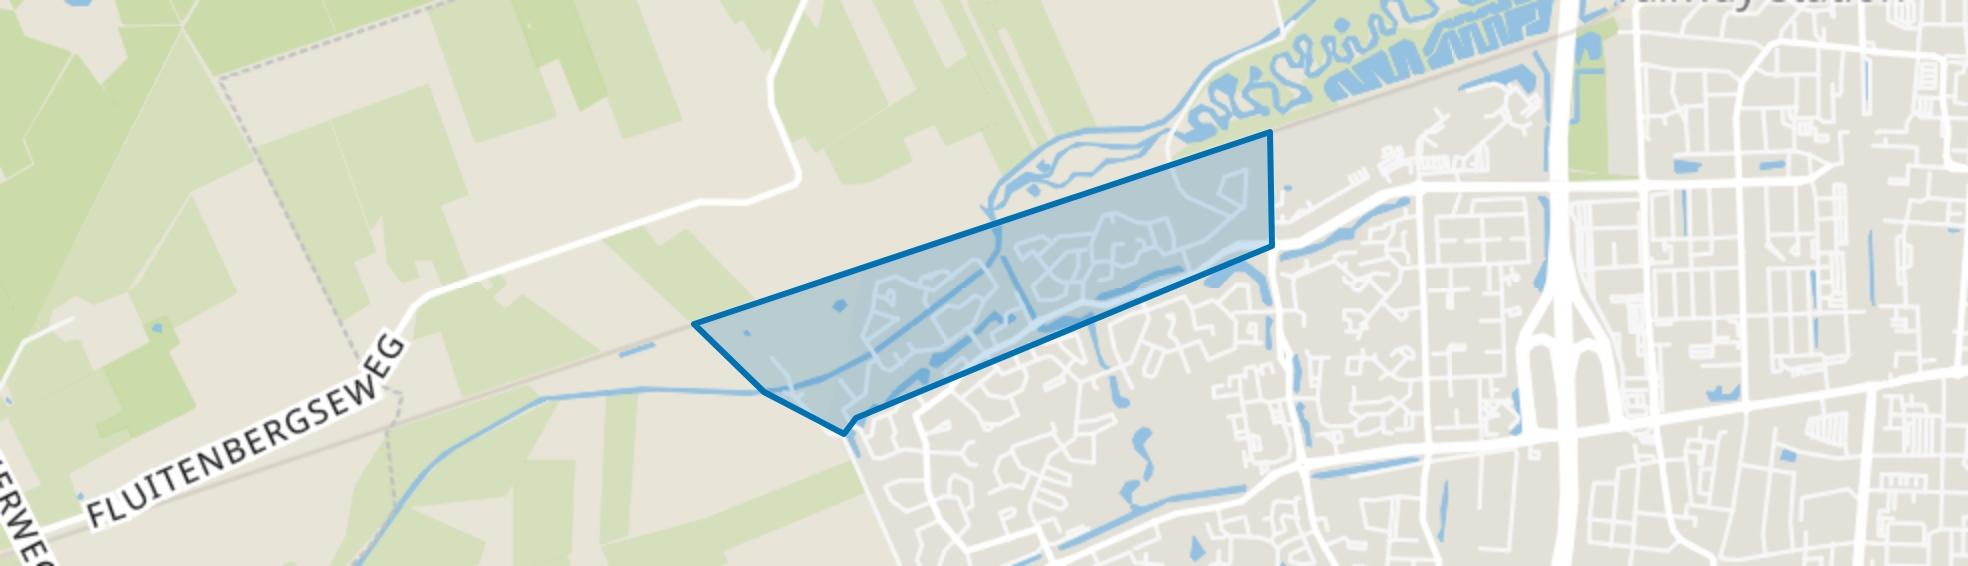 Kinholt, Hoogeveen map